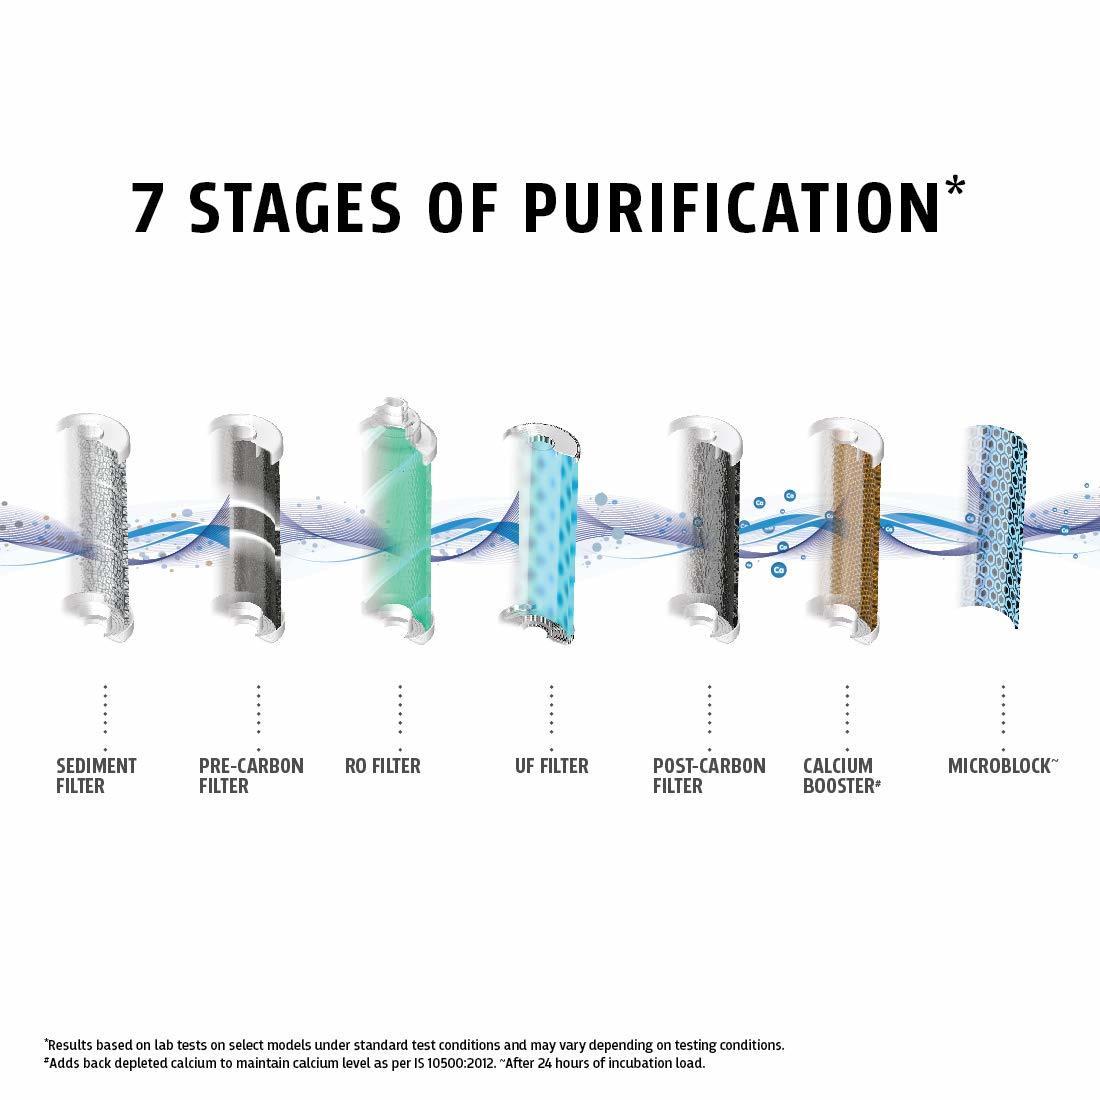 Whirlpool Purasense RO+UF Water Purifier